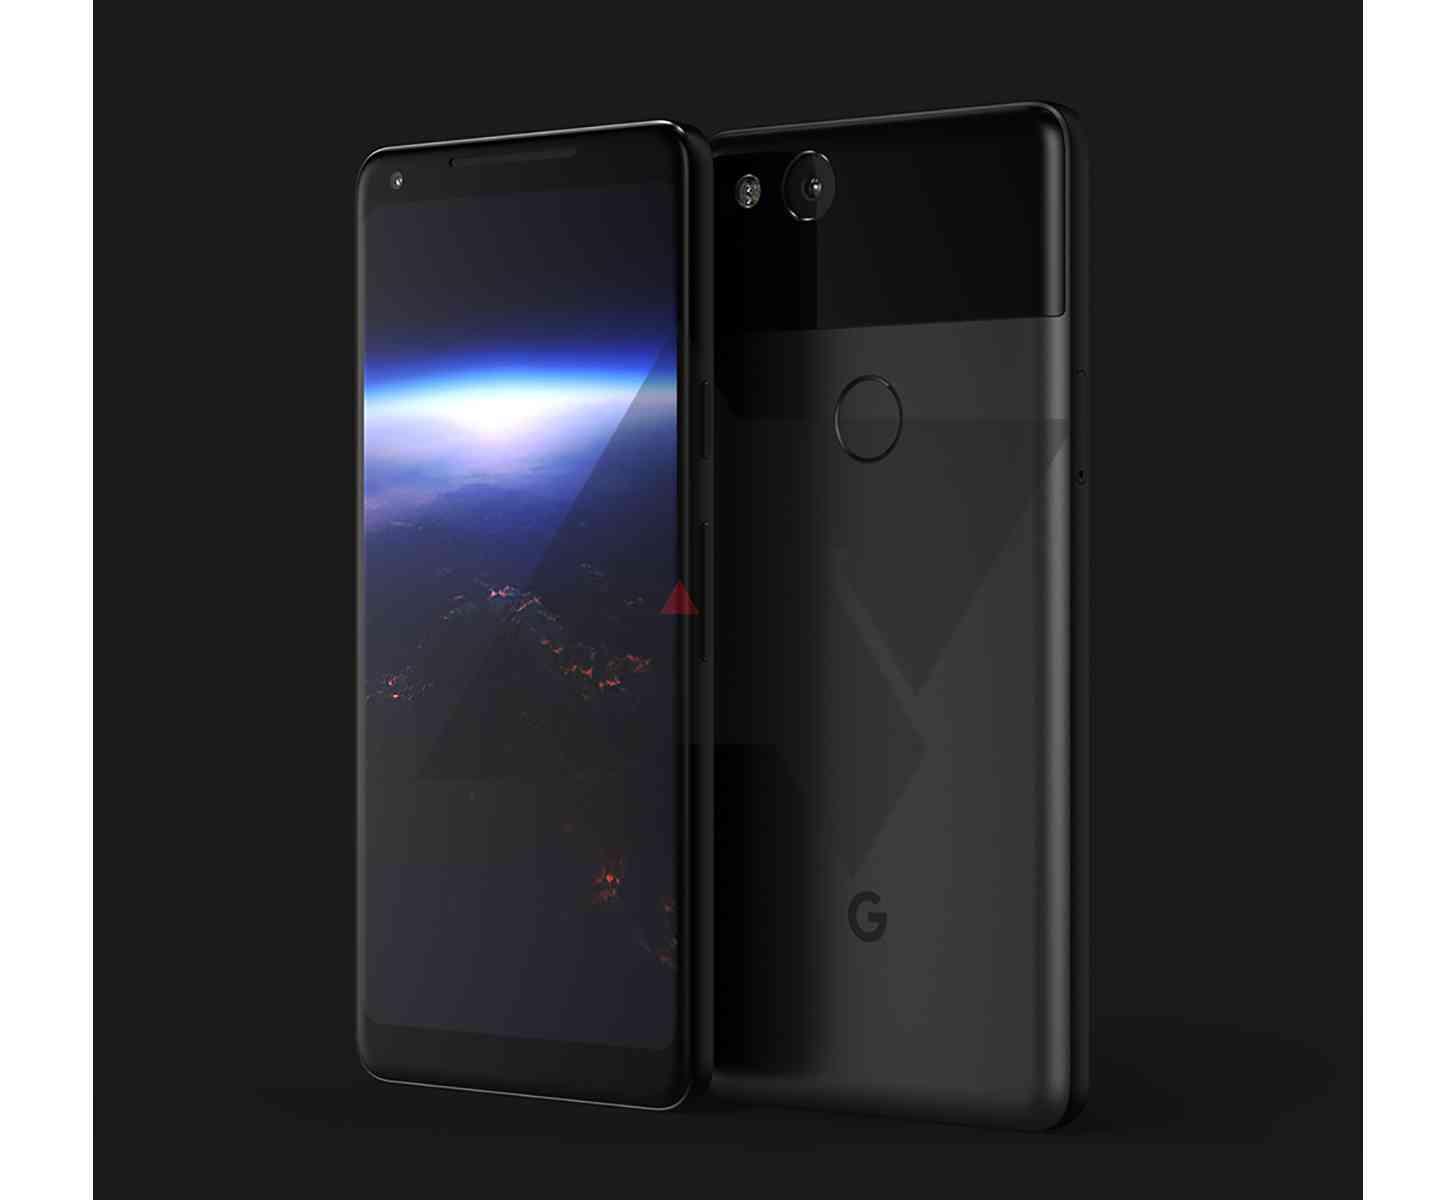 Latest Google Pixel Xl 2017 Leak Hints At Always On